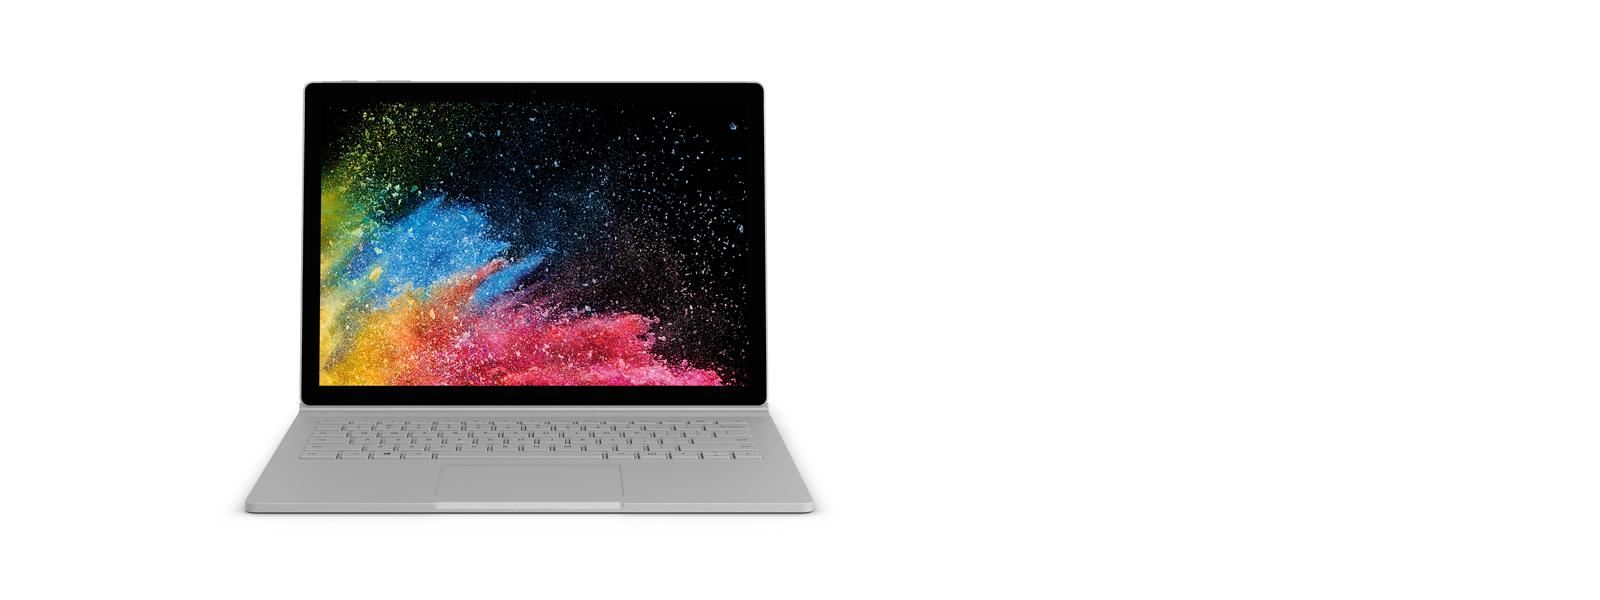 ラップトップ モードの Surface Book 2 のスクリーン ショット。